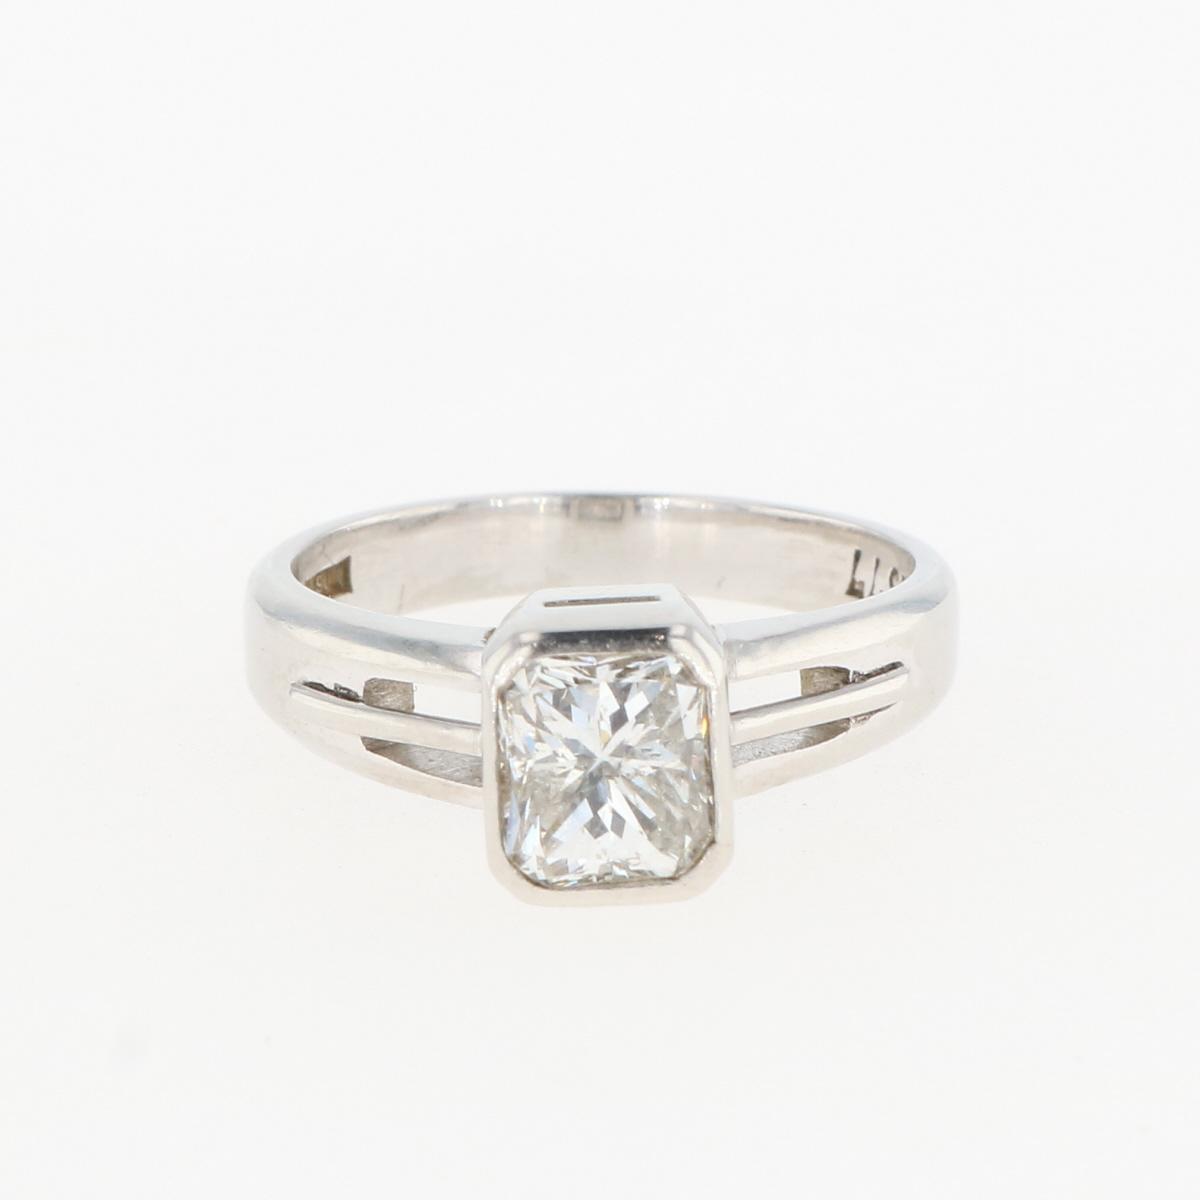 【史上最も激安】 ダイヤモンド デザインリング プラチナ 指輪 リング 16号 Pt900 ダイヤモンド レディース 【】, SenseBrand Online Shop 1f3f345c